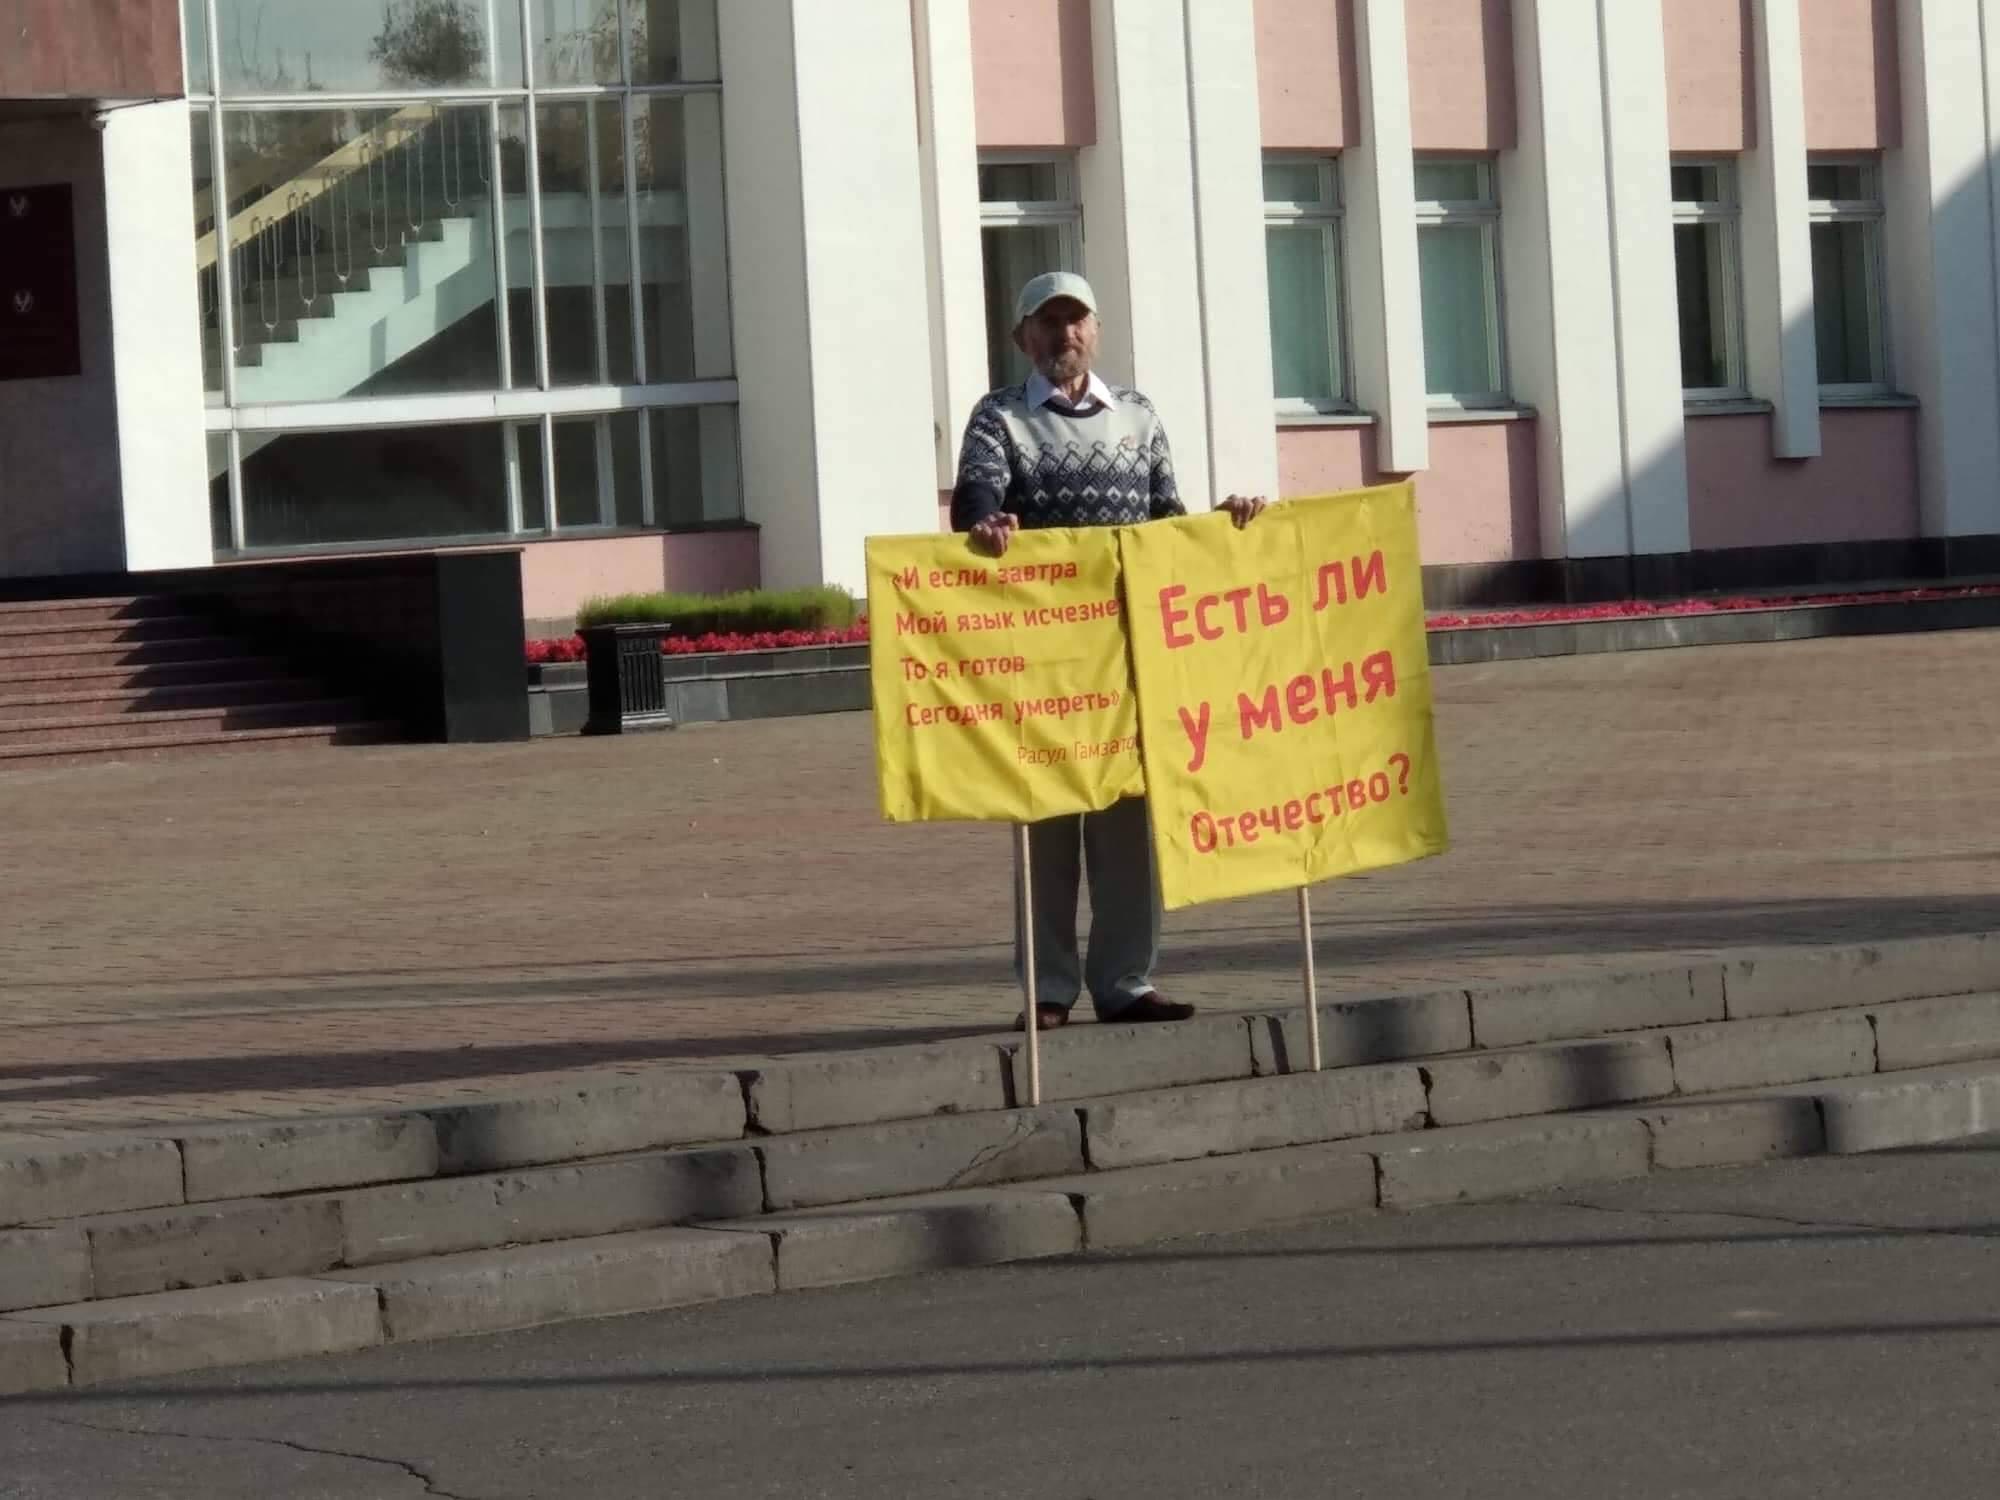 Felgyújtotta magát egy udmurt filozófus az izsevszki parlament előtt